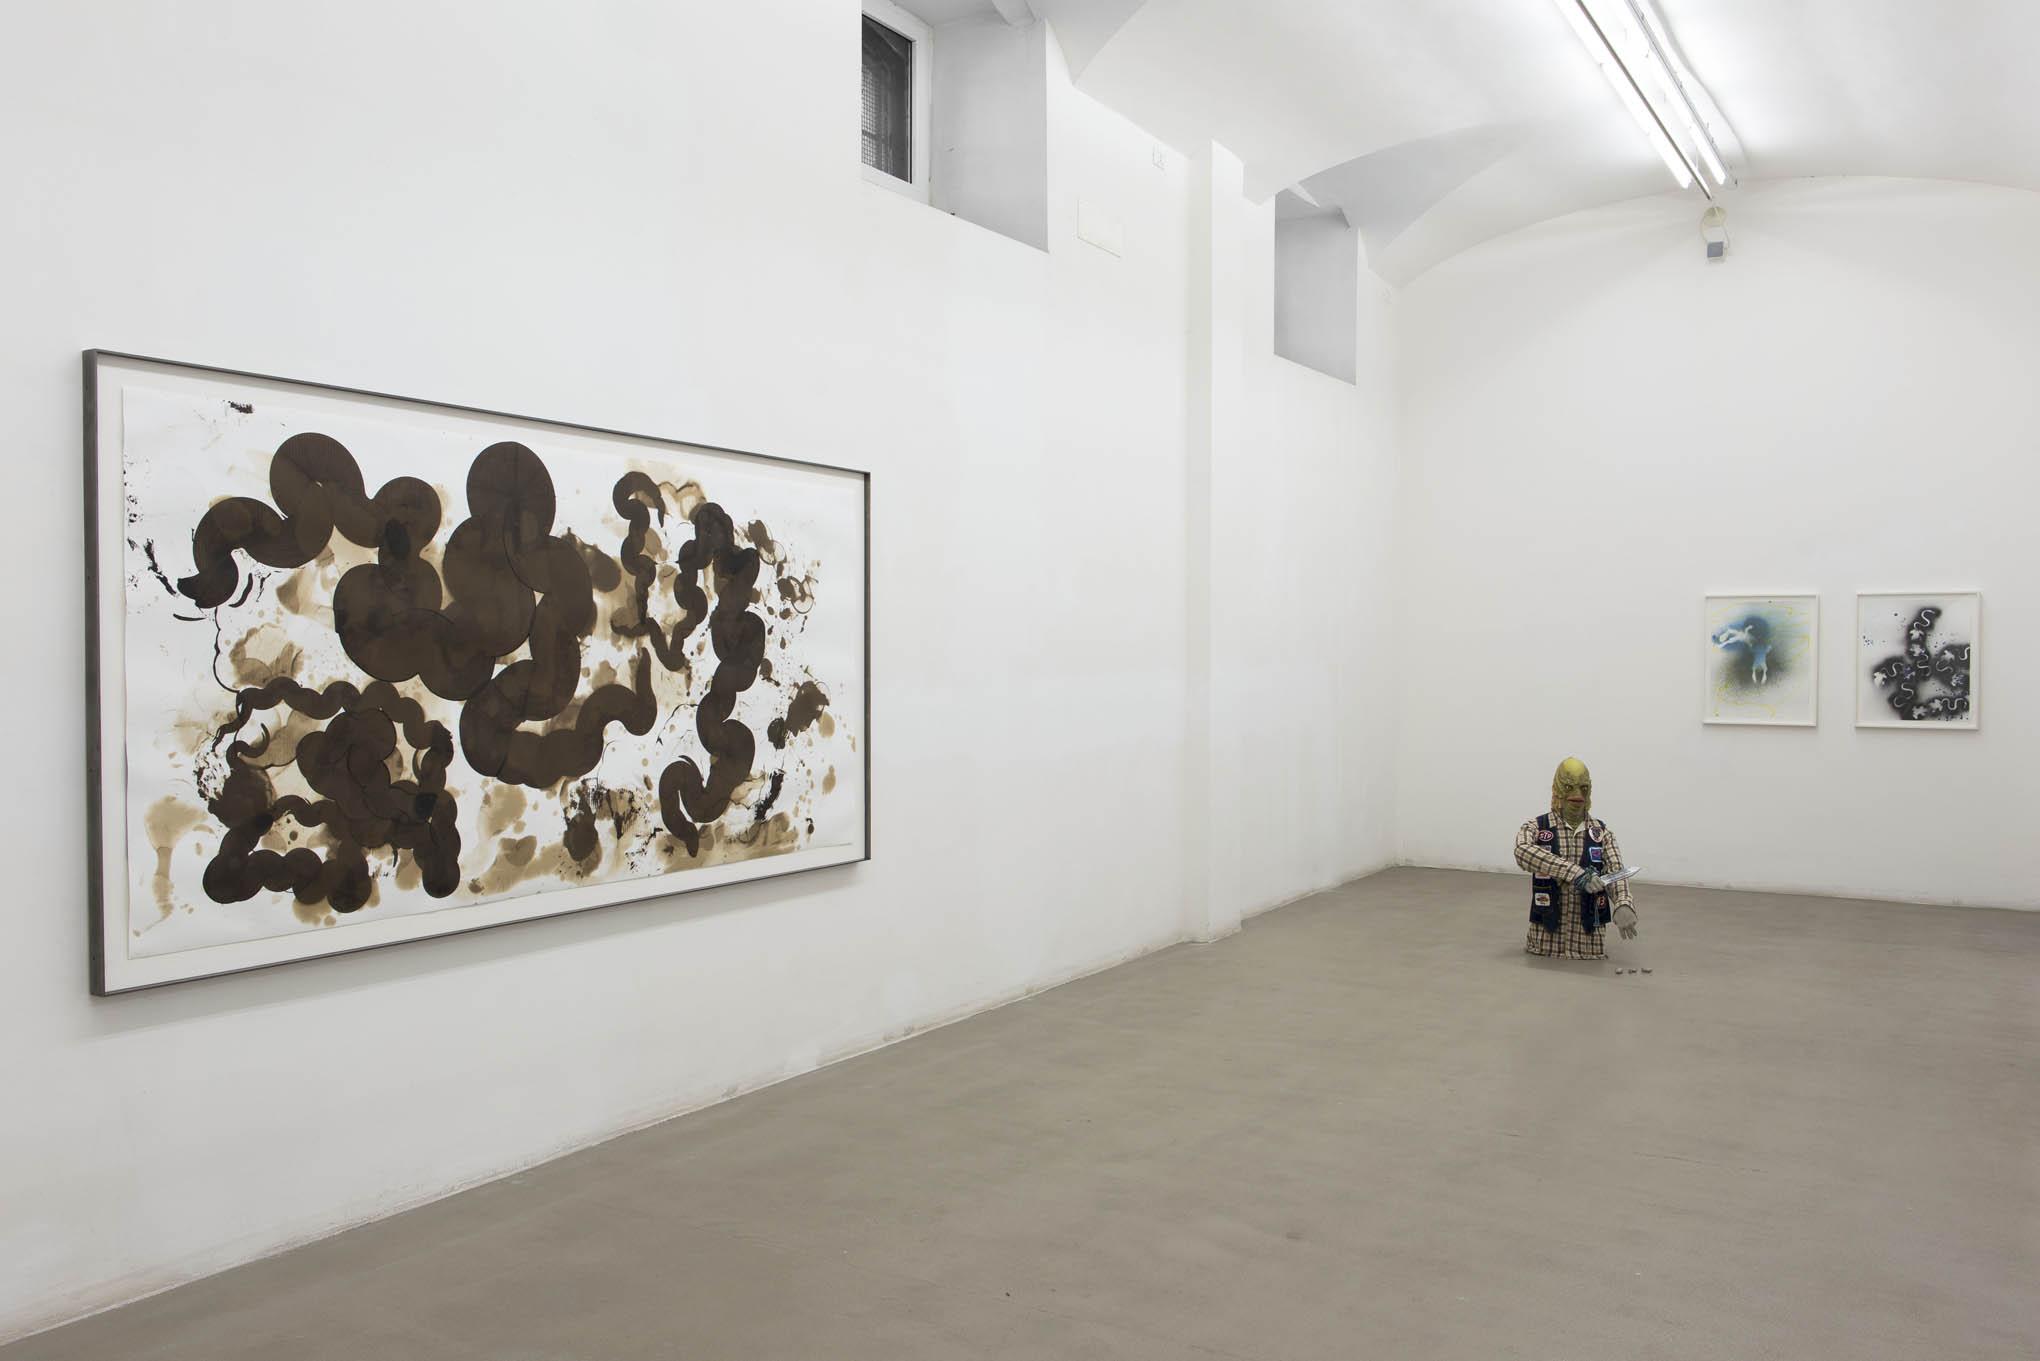 18. Consequences installation view at Fondazione Giuliani, Rome, 2015, photo Giorgio Benni